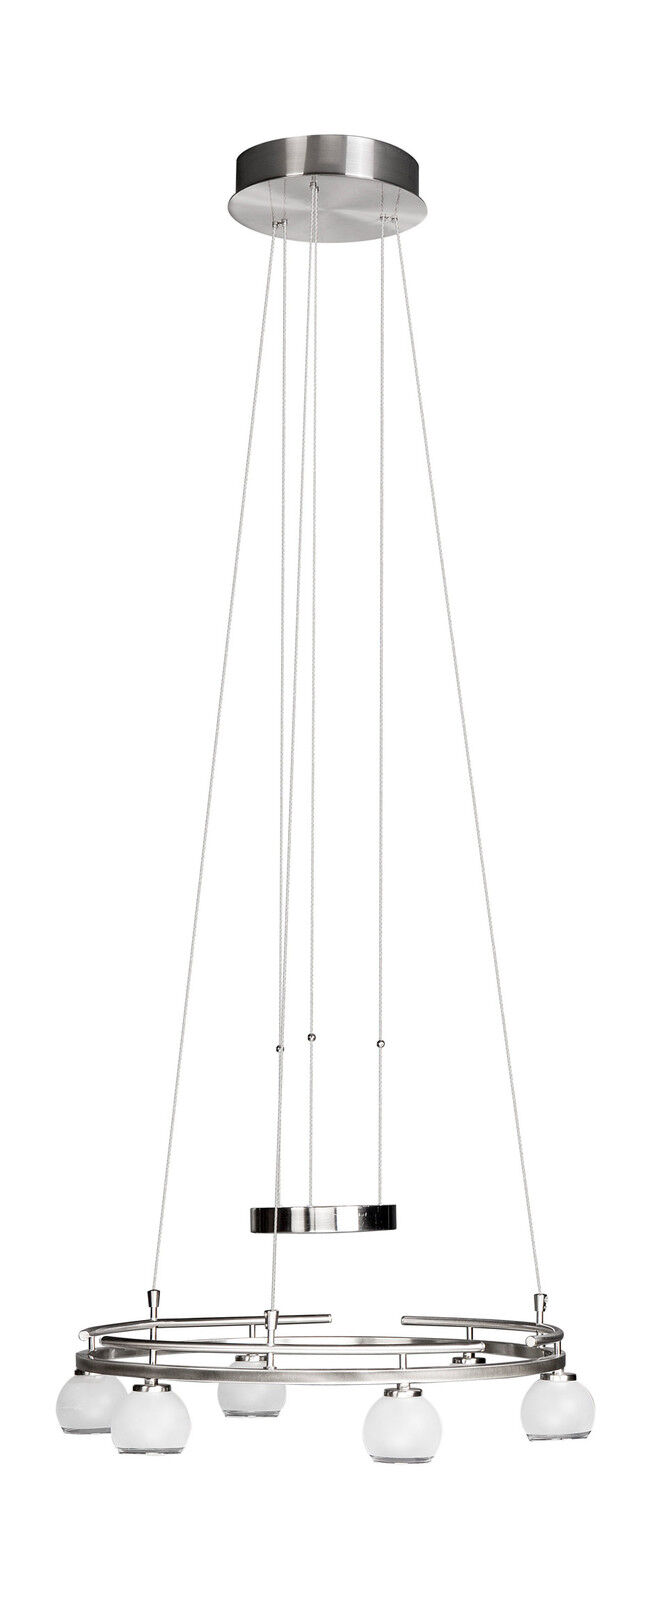 40656 / 17/10 a 6 lumière chrome contemporain plafonnier nuances élégant avec des nuances plafonnier da1dbe